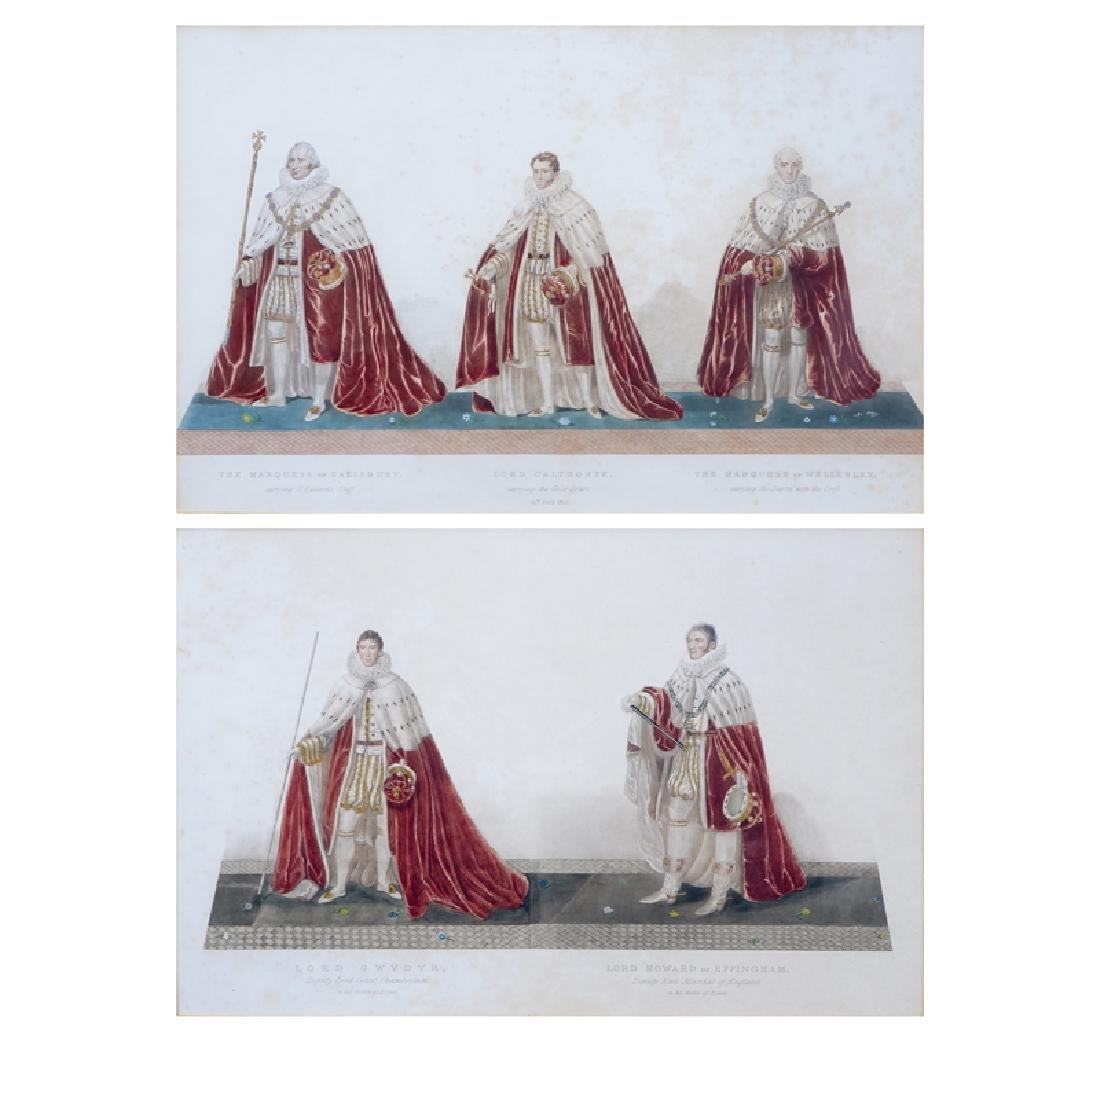 Two (2) Vintage Color Prints